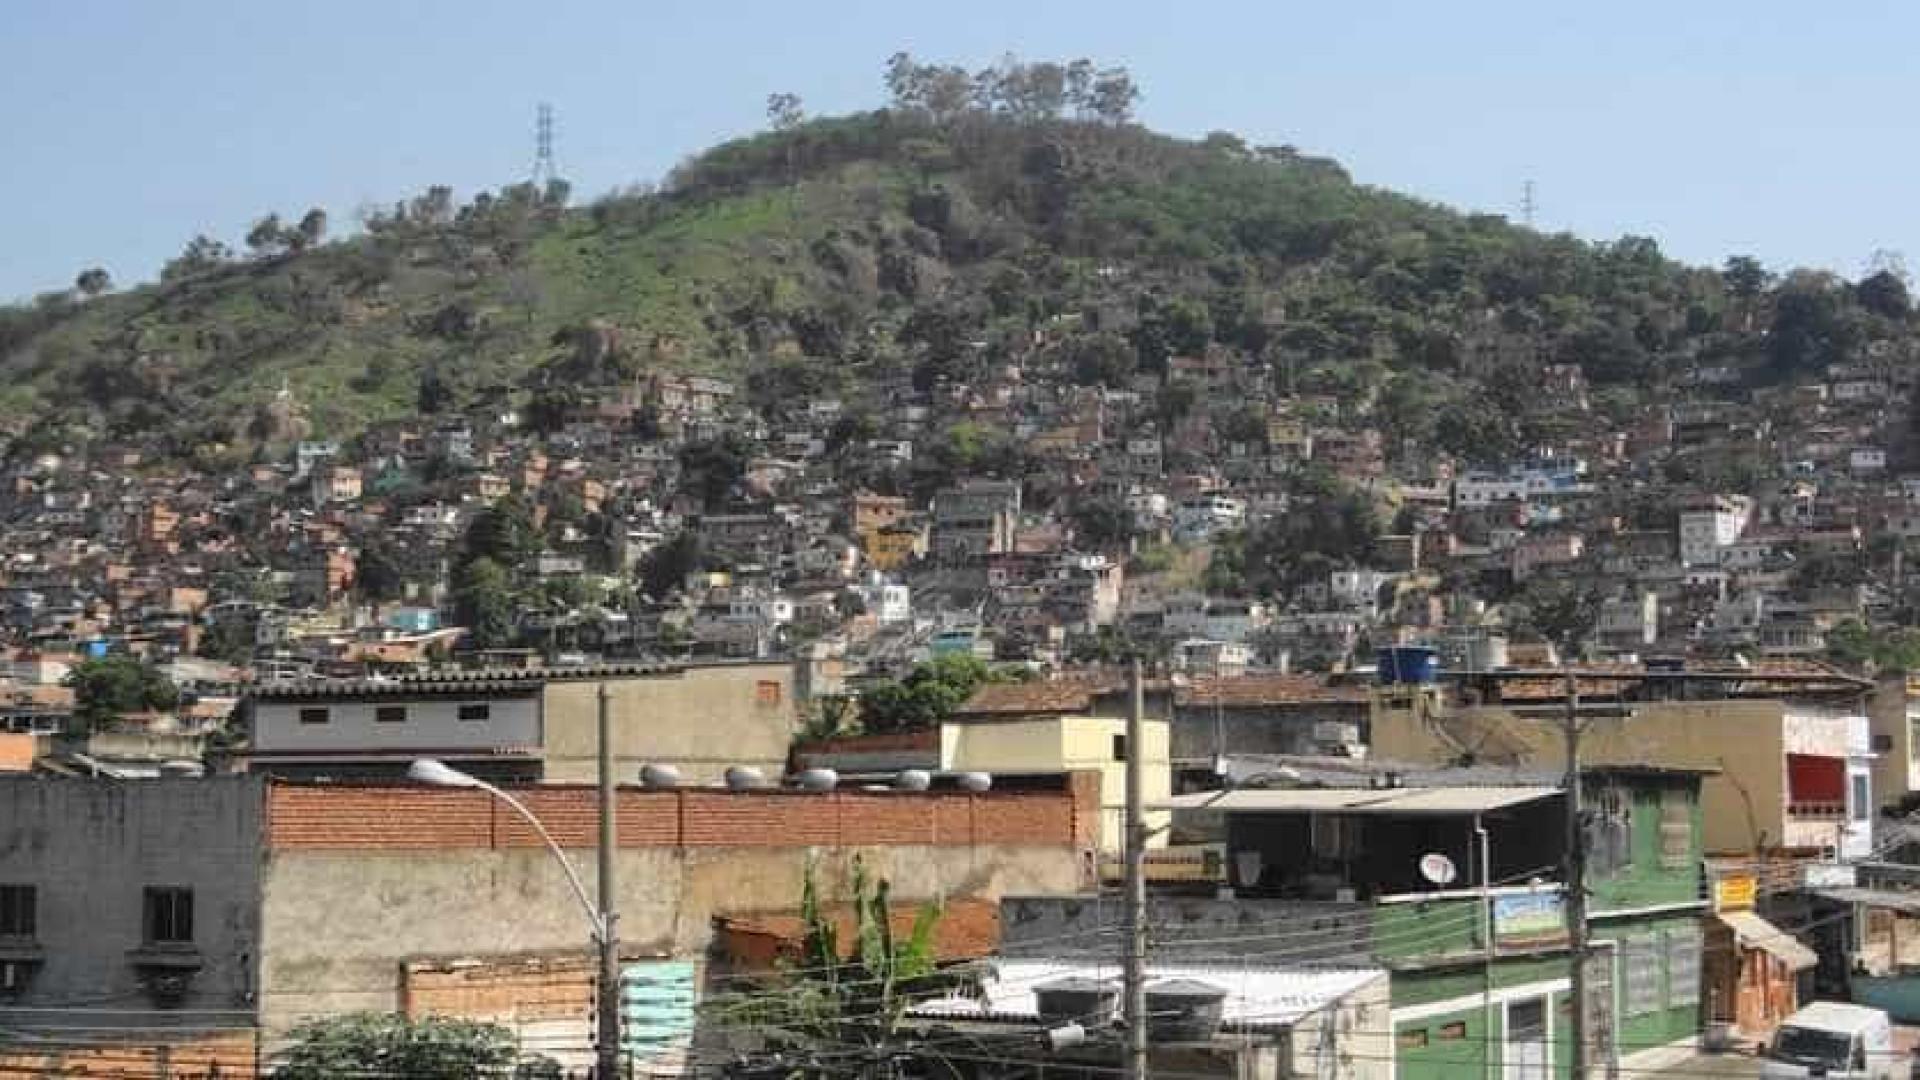 Guerra entre traficantes deixa sete mortos no Morro do Juramento